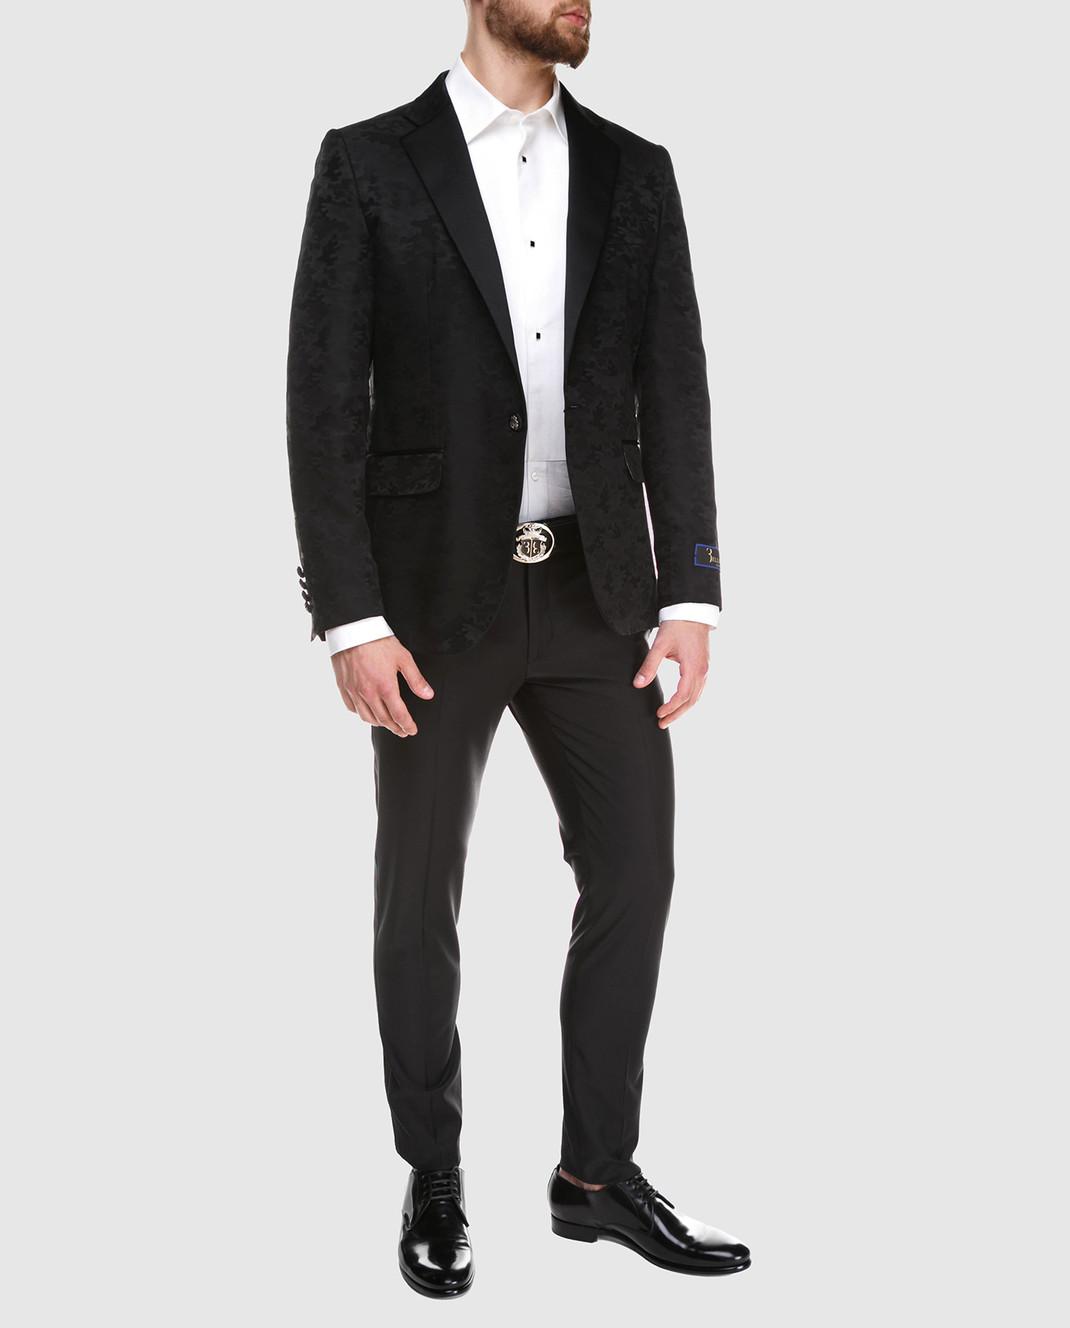 Billionaire Черные брюки MRT0320 изображение 2